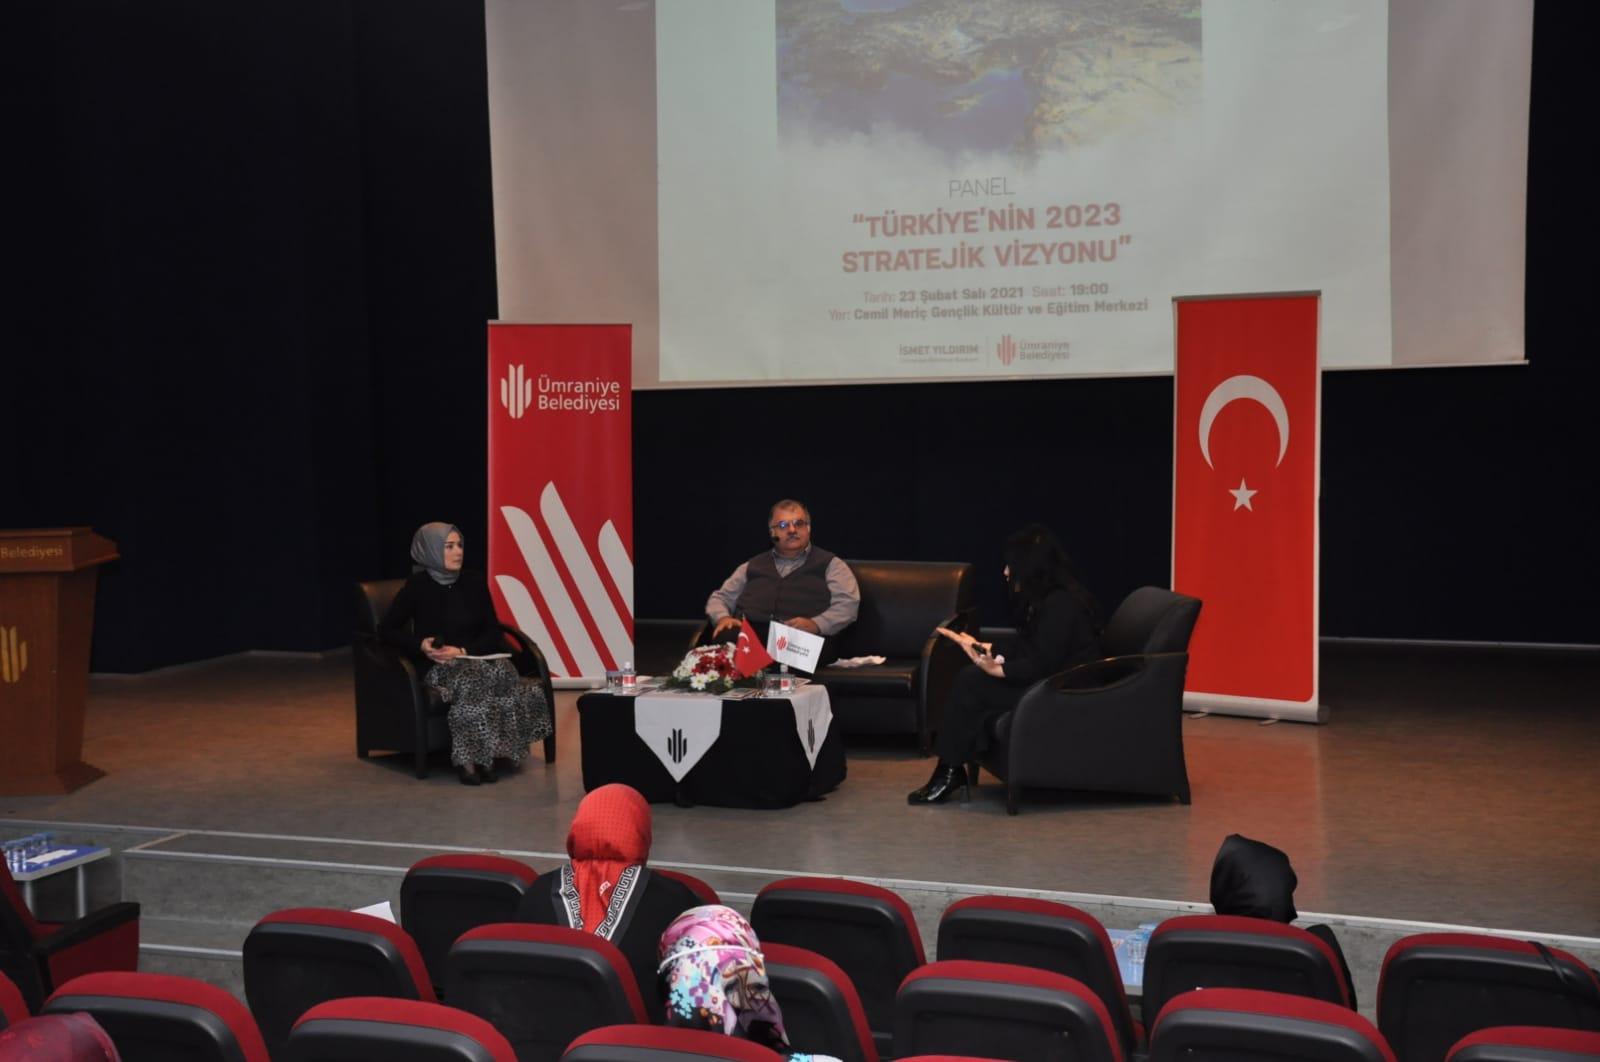 """ÜMRANİYE'DE """"TÜRKİYE'NİN 2023 STRATEJİK VİZYONU"""" PANELİ DÜZENLENDİ"""